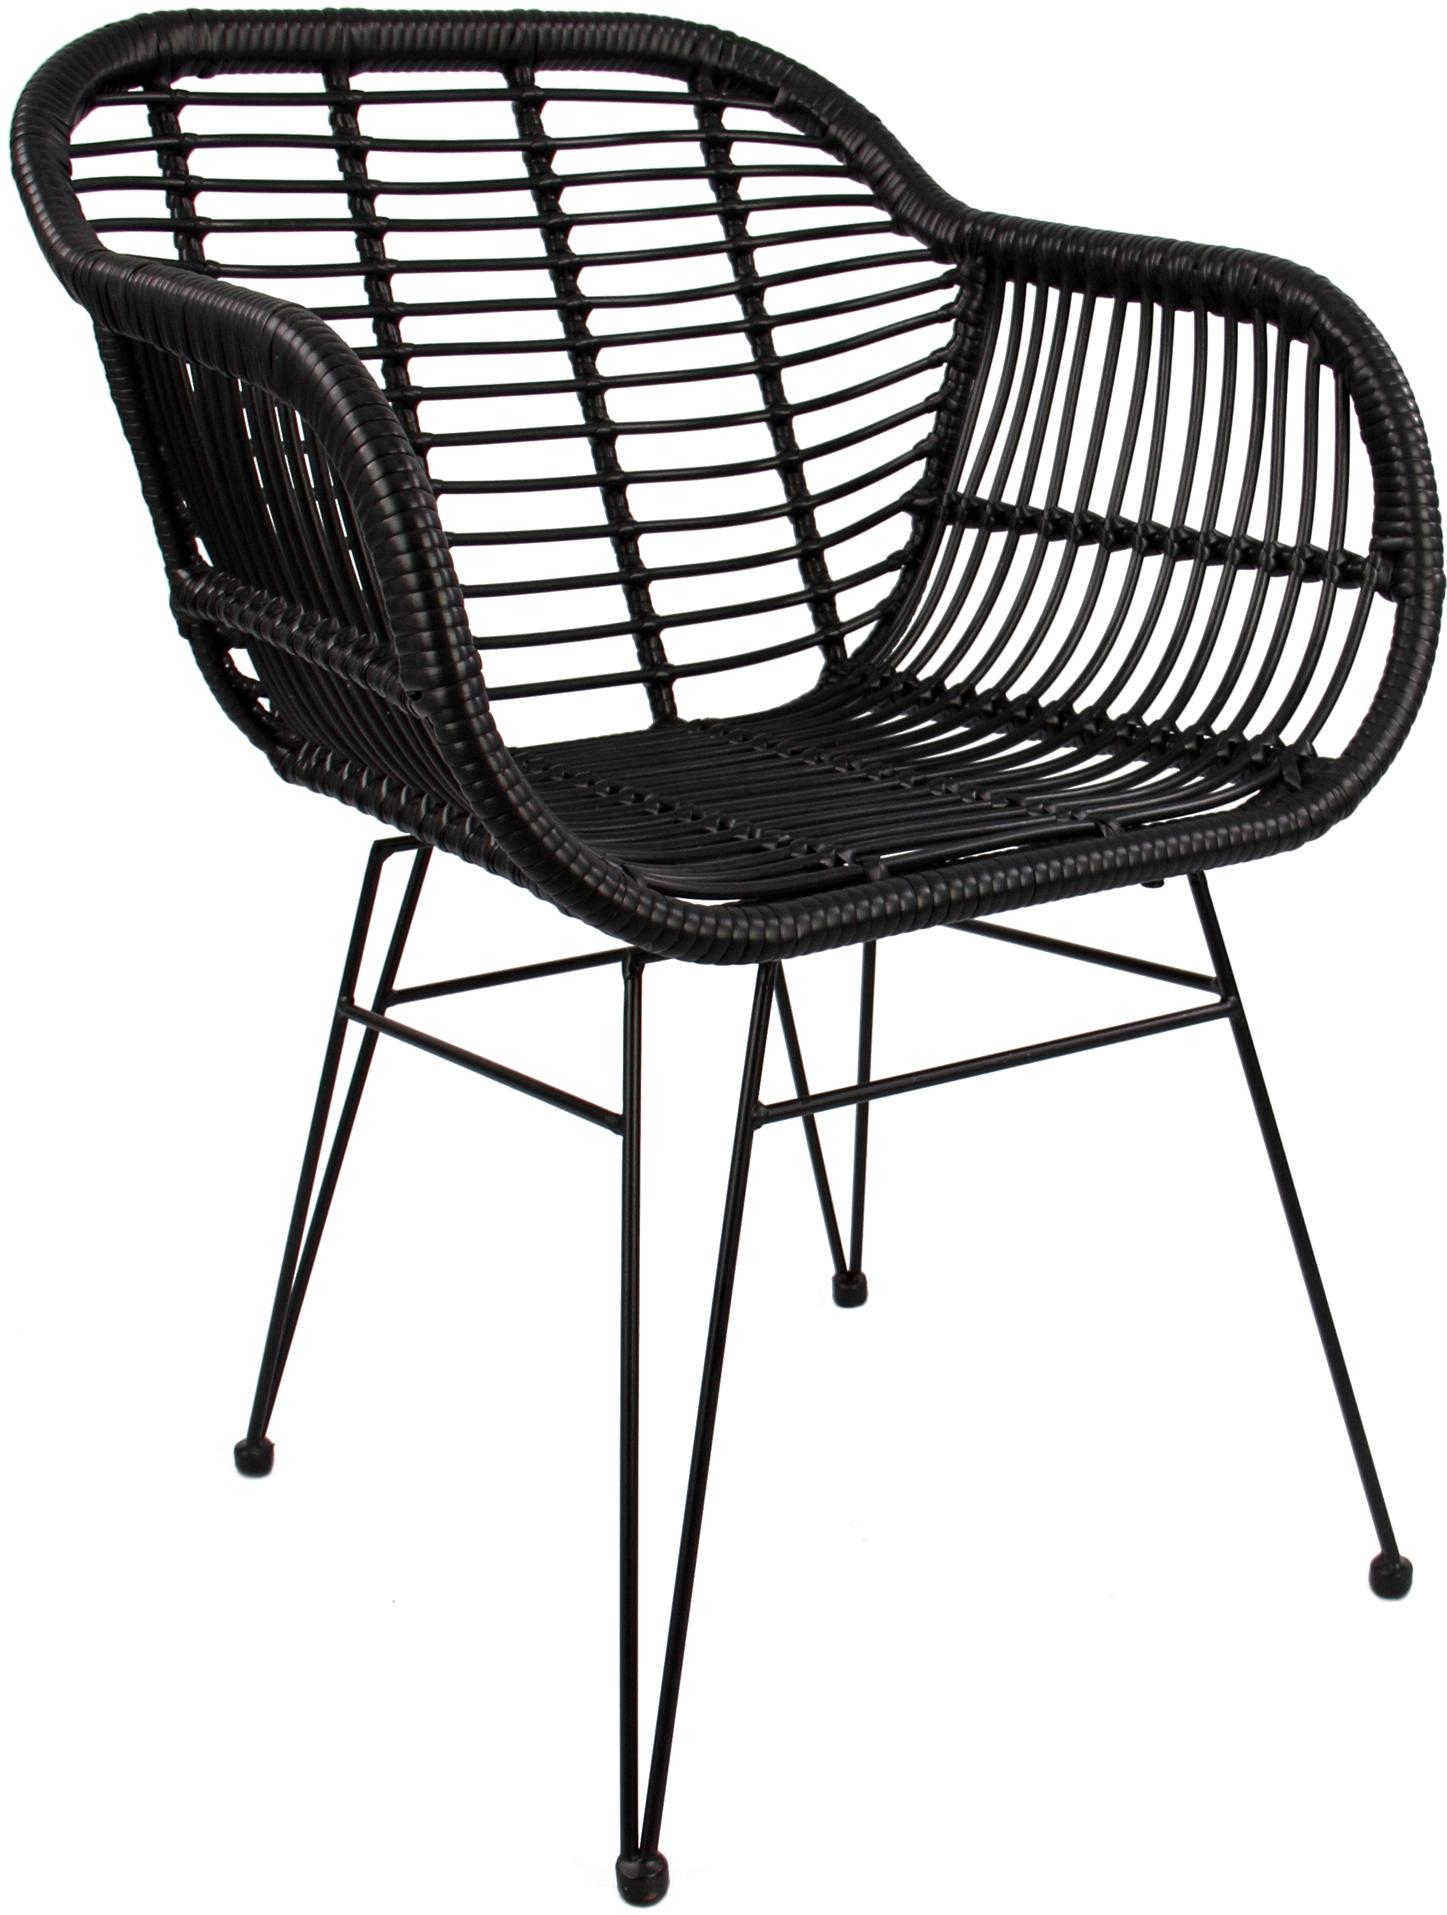 Sillas con reposabrazos Costa, 2uds., Asiento: polietileno, Estructura: metal con pintura en polv, Negro, An 60 x F 58 cm